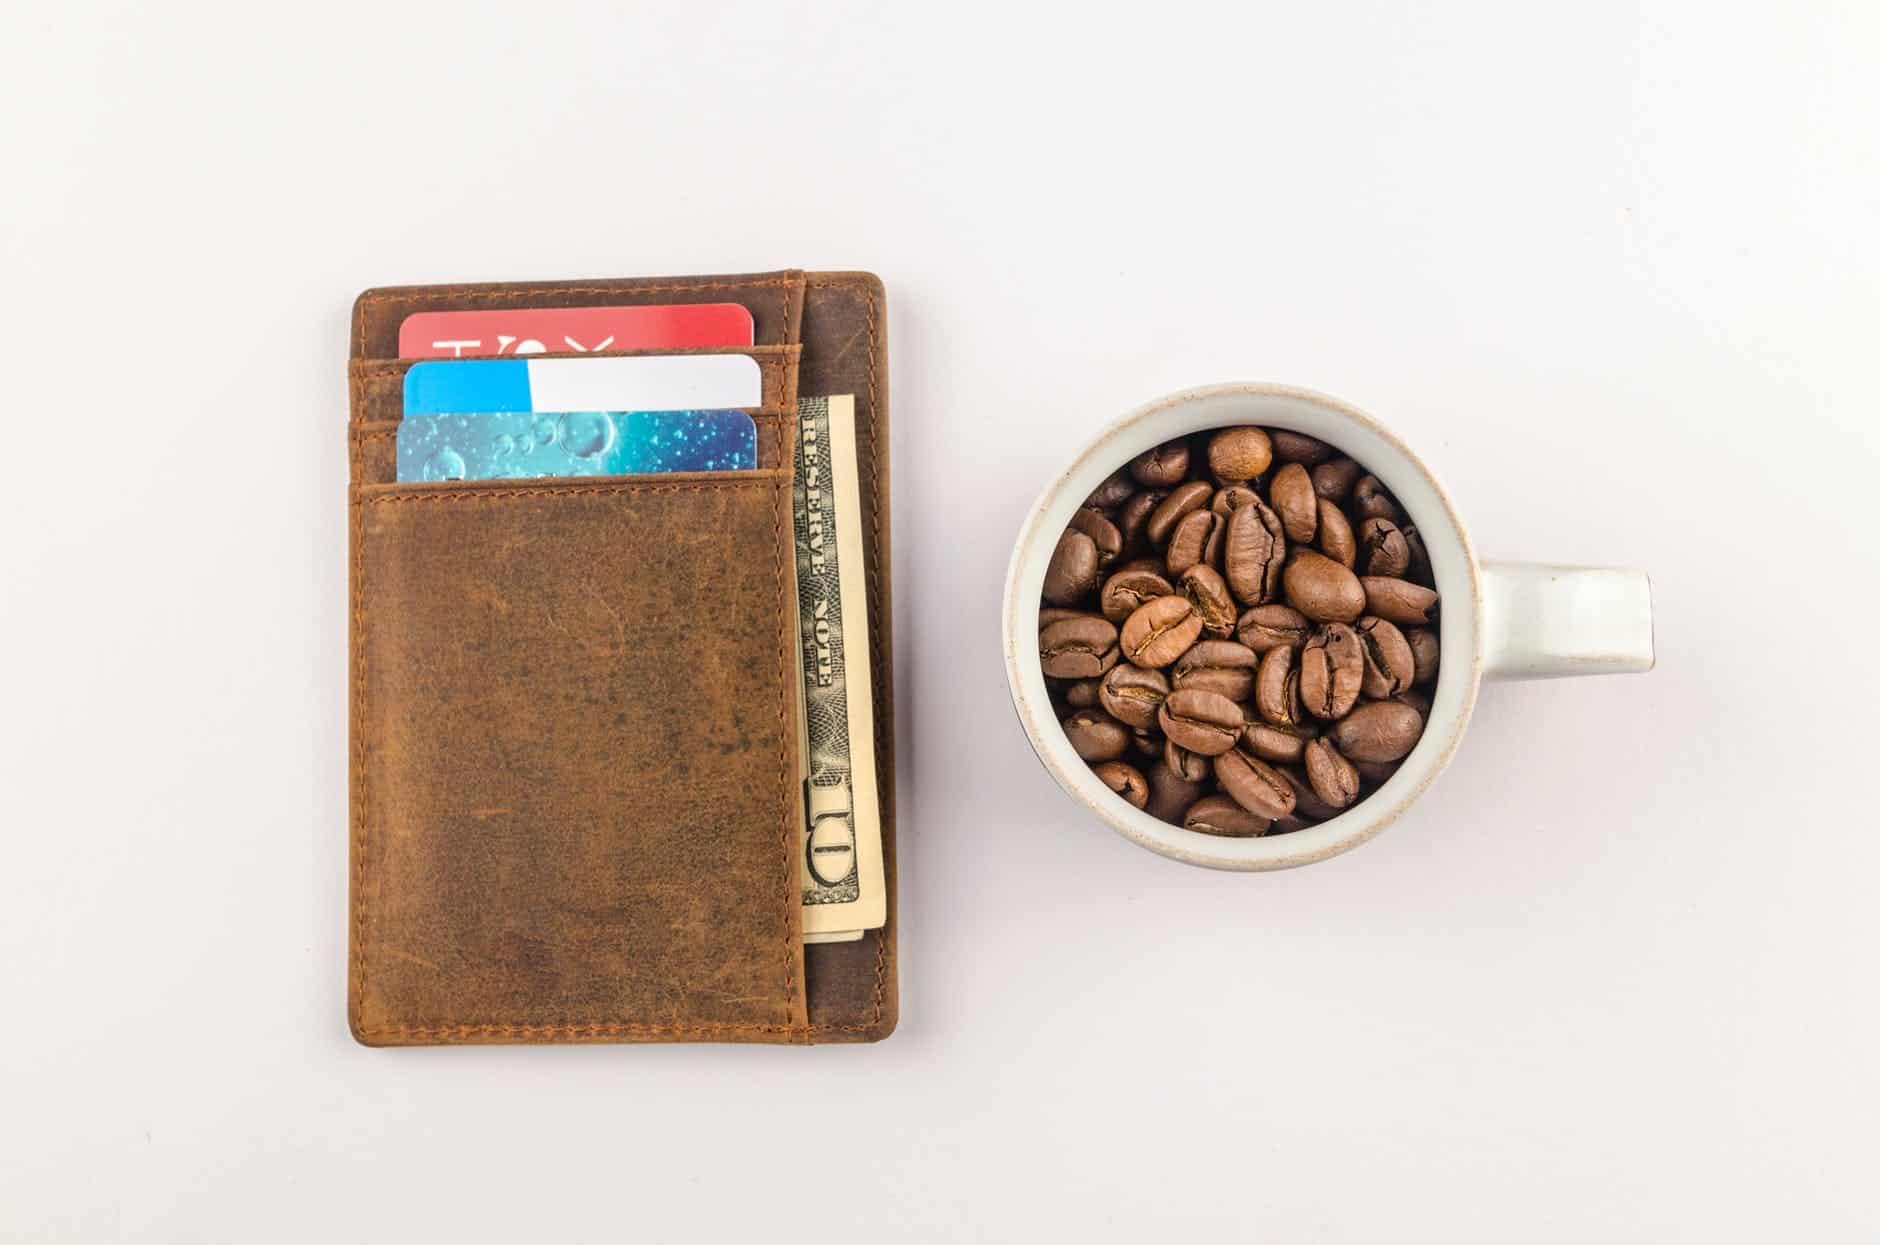 Heb ik een kredietkaart nodig of kan ik ook zonder?